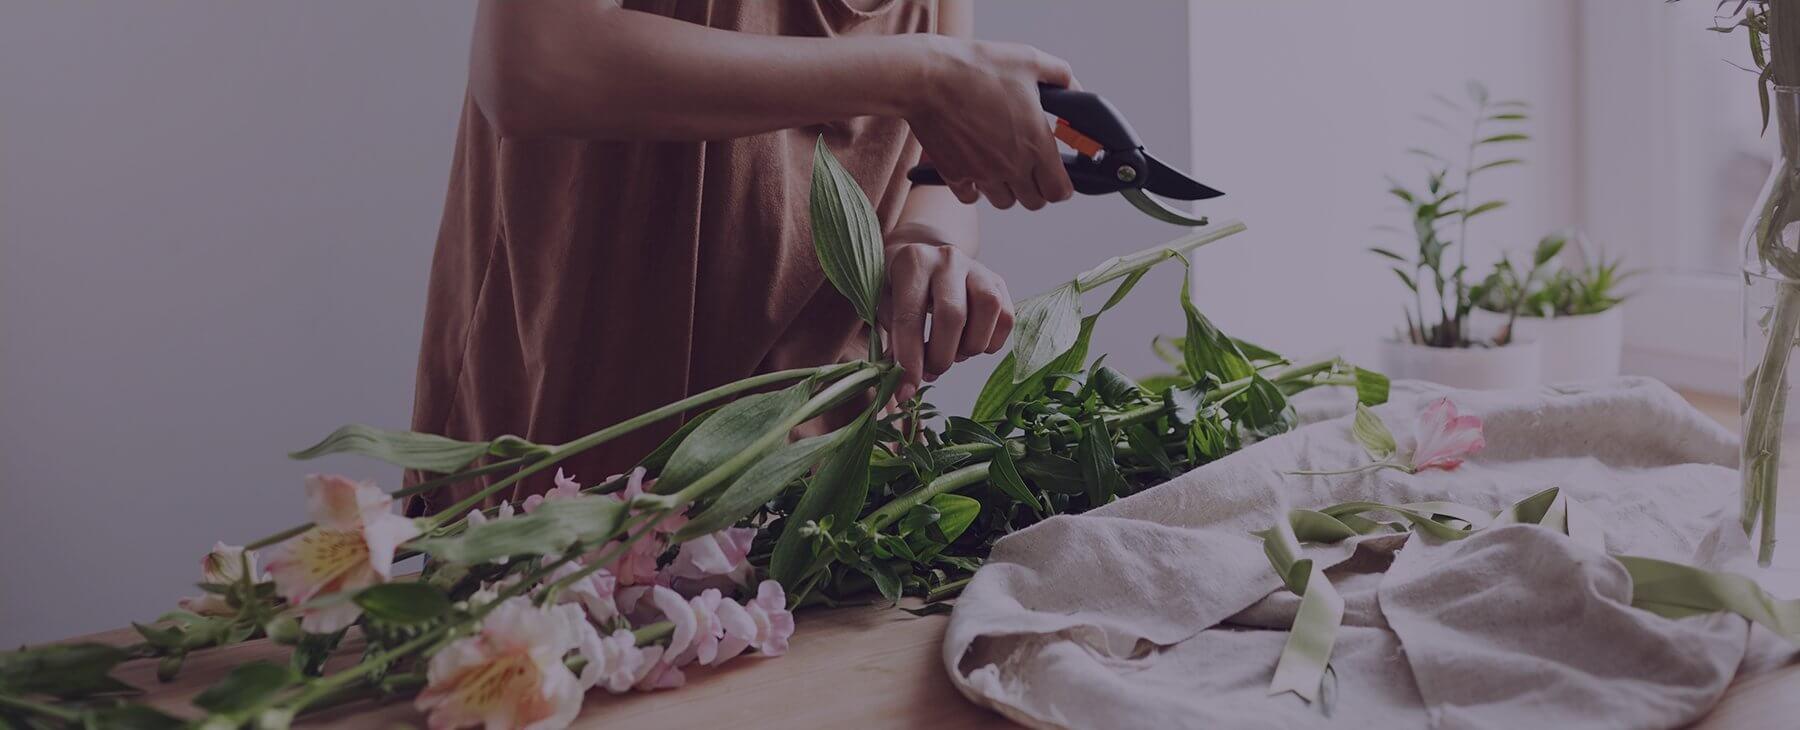 slider_1_3 Flowers Delivered Tomorrow Laguna Hills | Laguna Hills Flowers Delivered Tomorrow